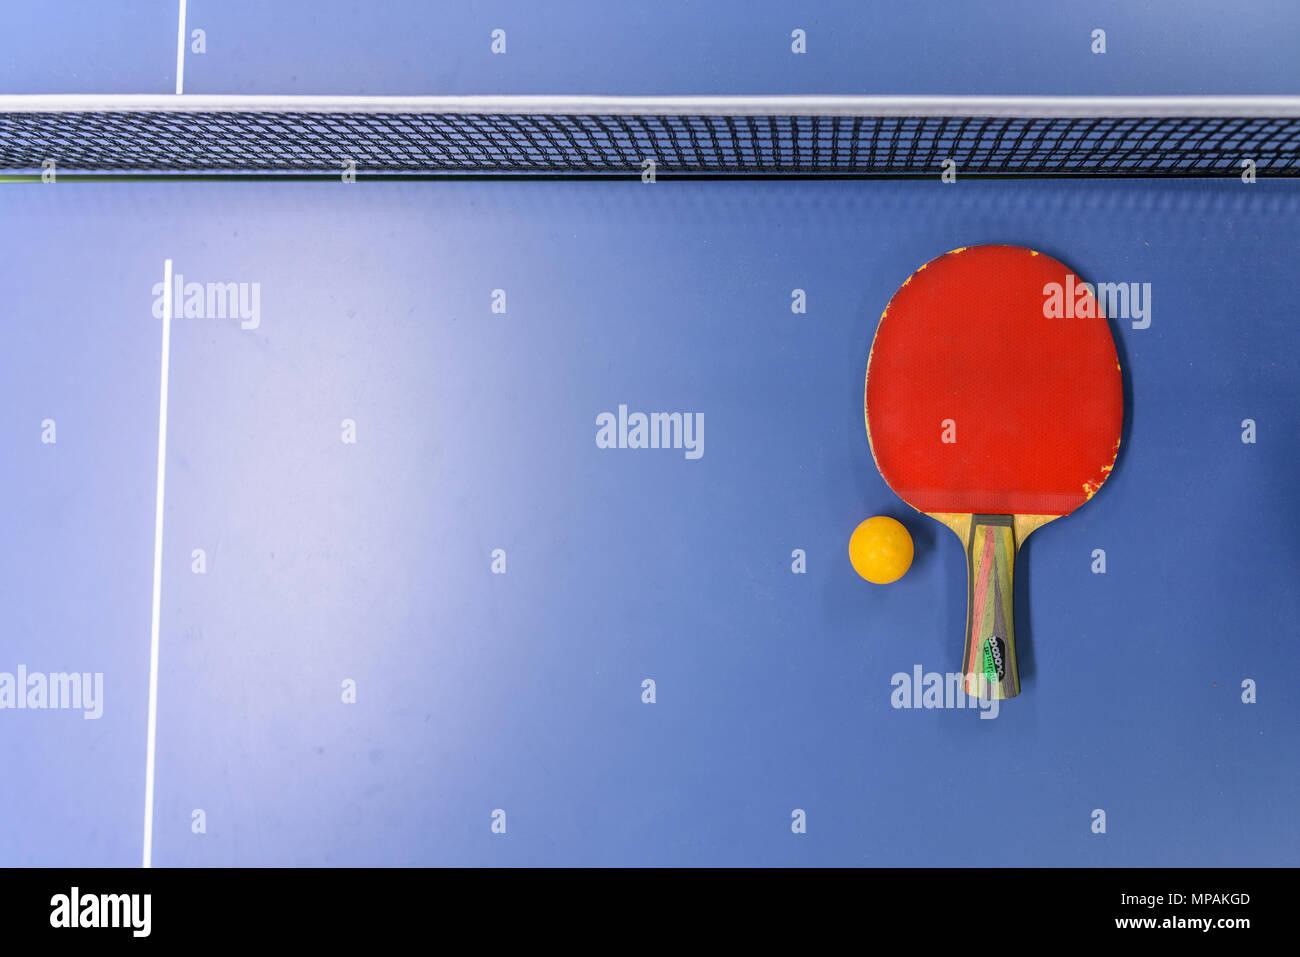 41848bc801 Un alto ángulo de visualización de raqueta de tenis de mesa y bola Imagen  De Stock